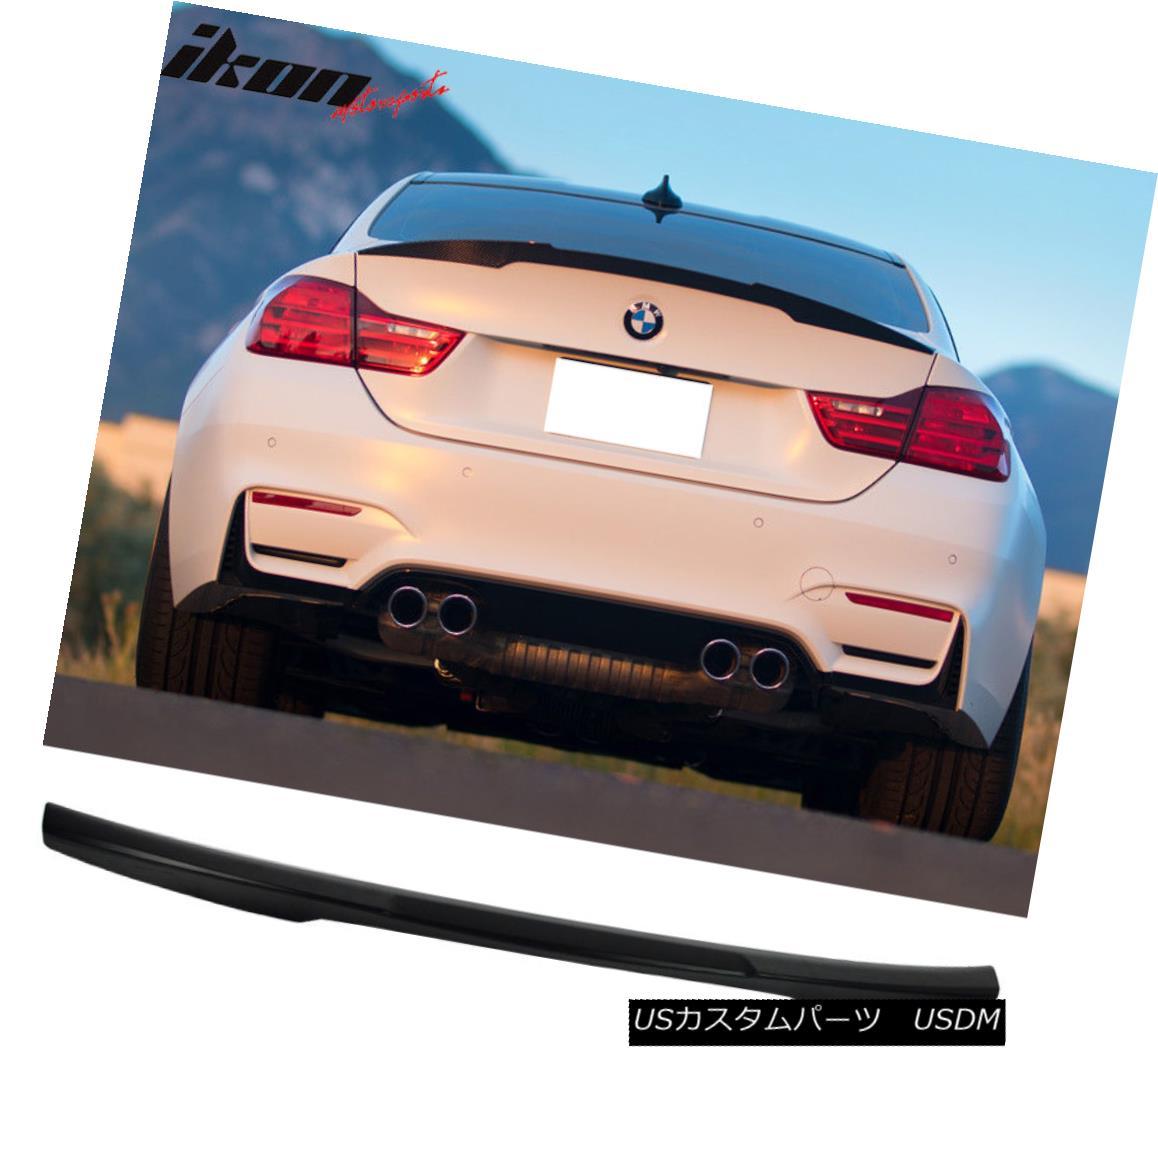 エアロパーツ Fits 14-17 BMW 4 Series F32 Coupe M4 Style Unpainted Trunk Spoiler - ABS フィット14-17 BMW 4シリーズF32クーペM4スタイル未塗装トランクスポイラー - ABS